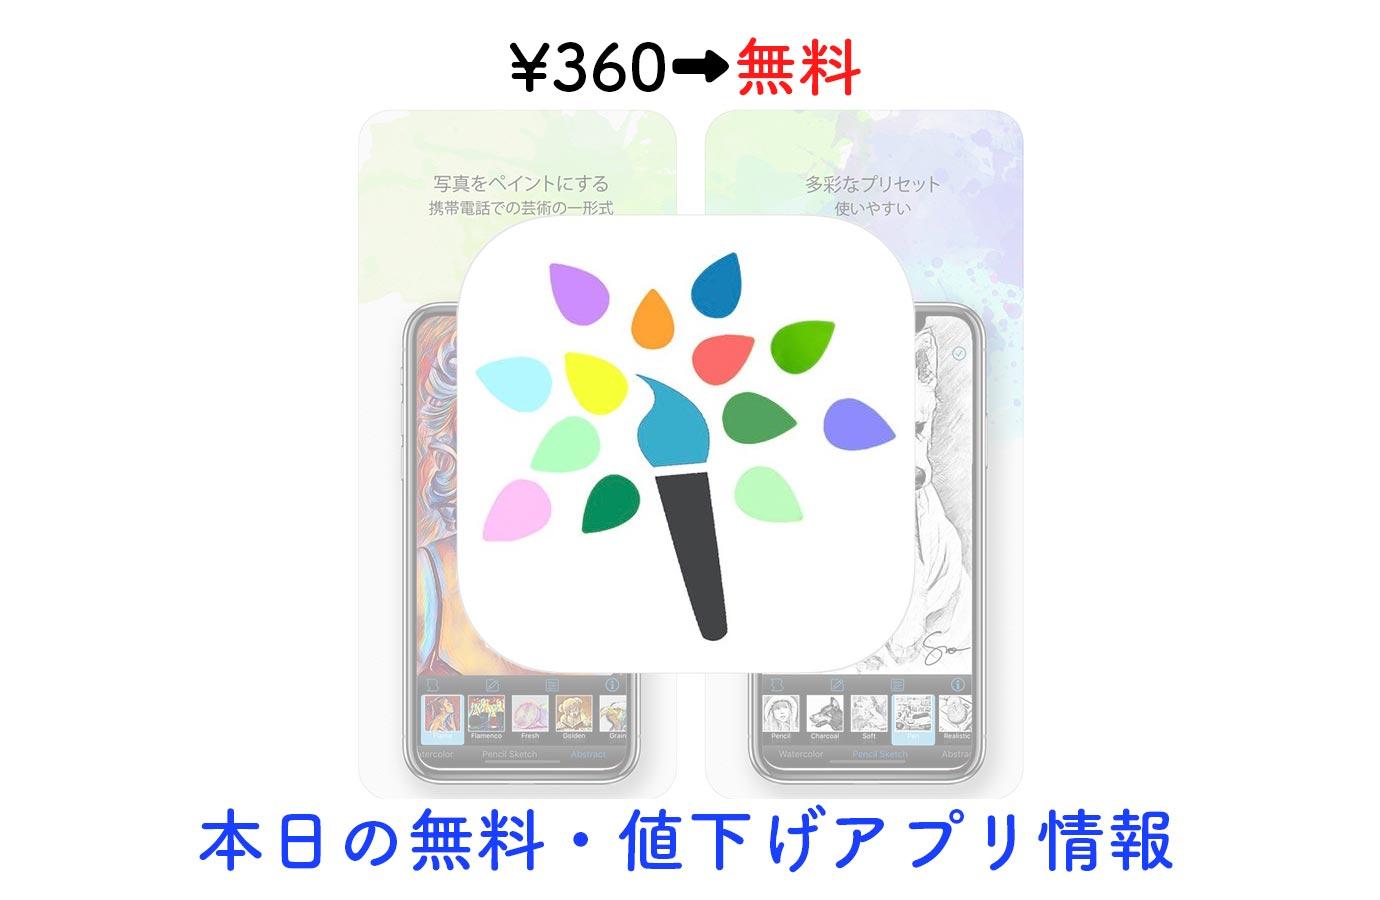 ¥360→無料、写真を水彩画風にできる「Paintkeep」など【3/17】セールアプリ情報